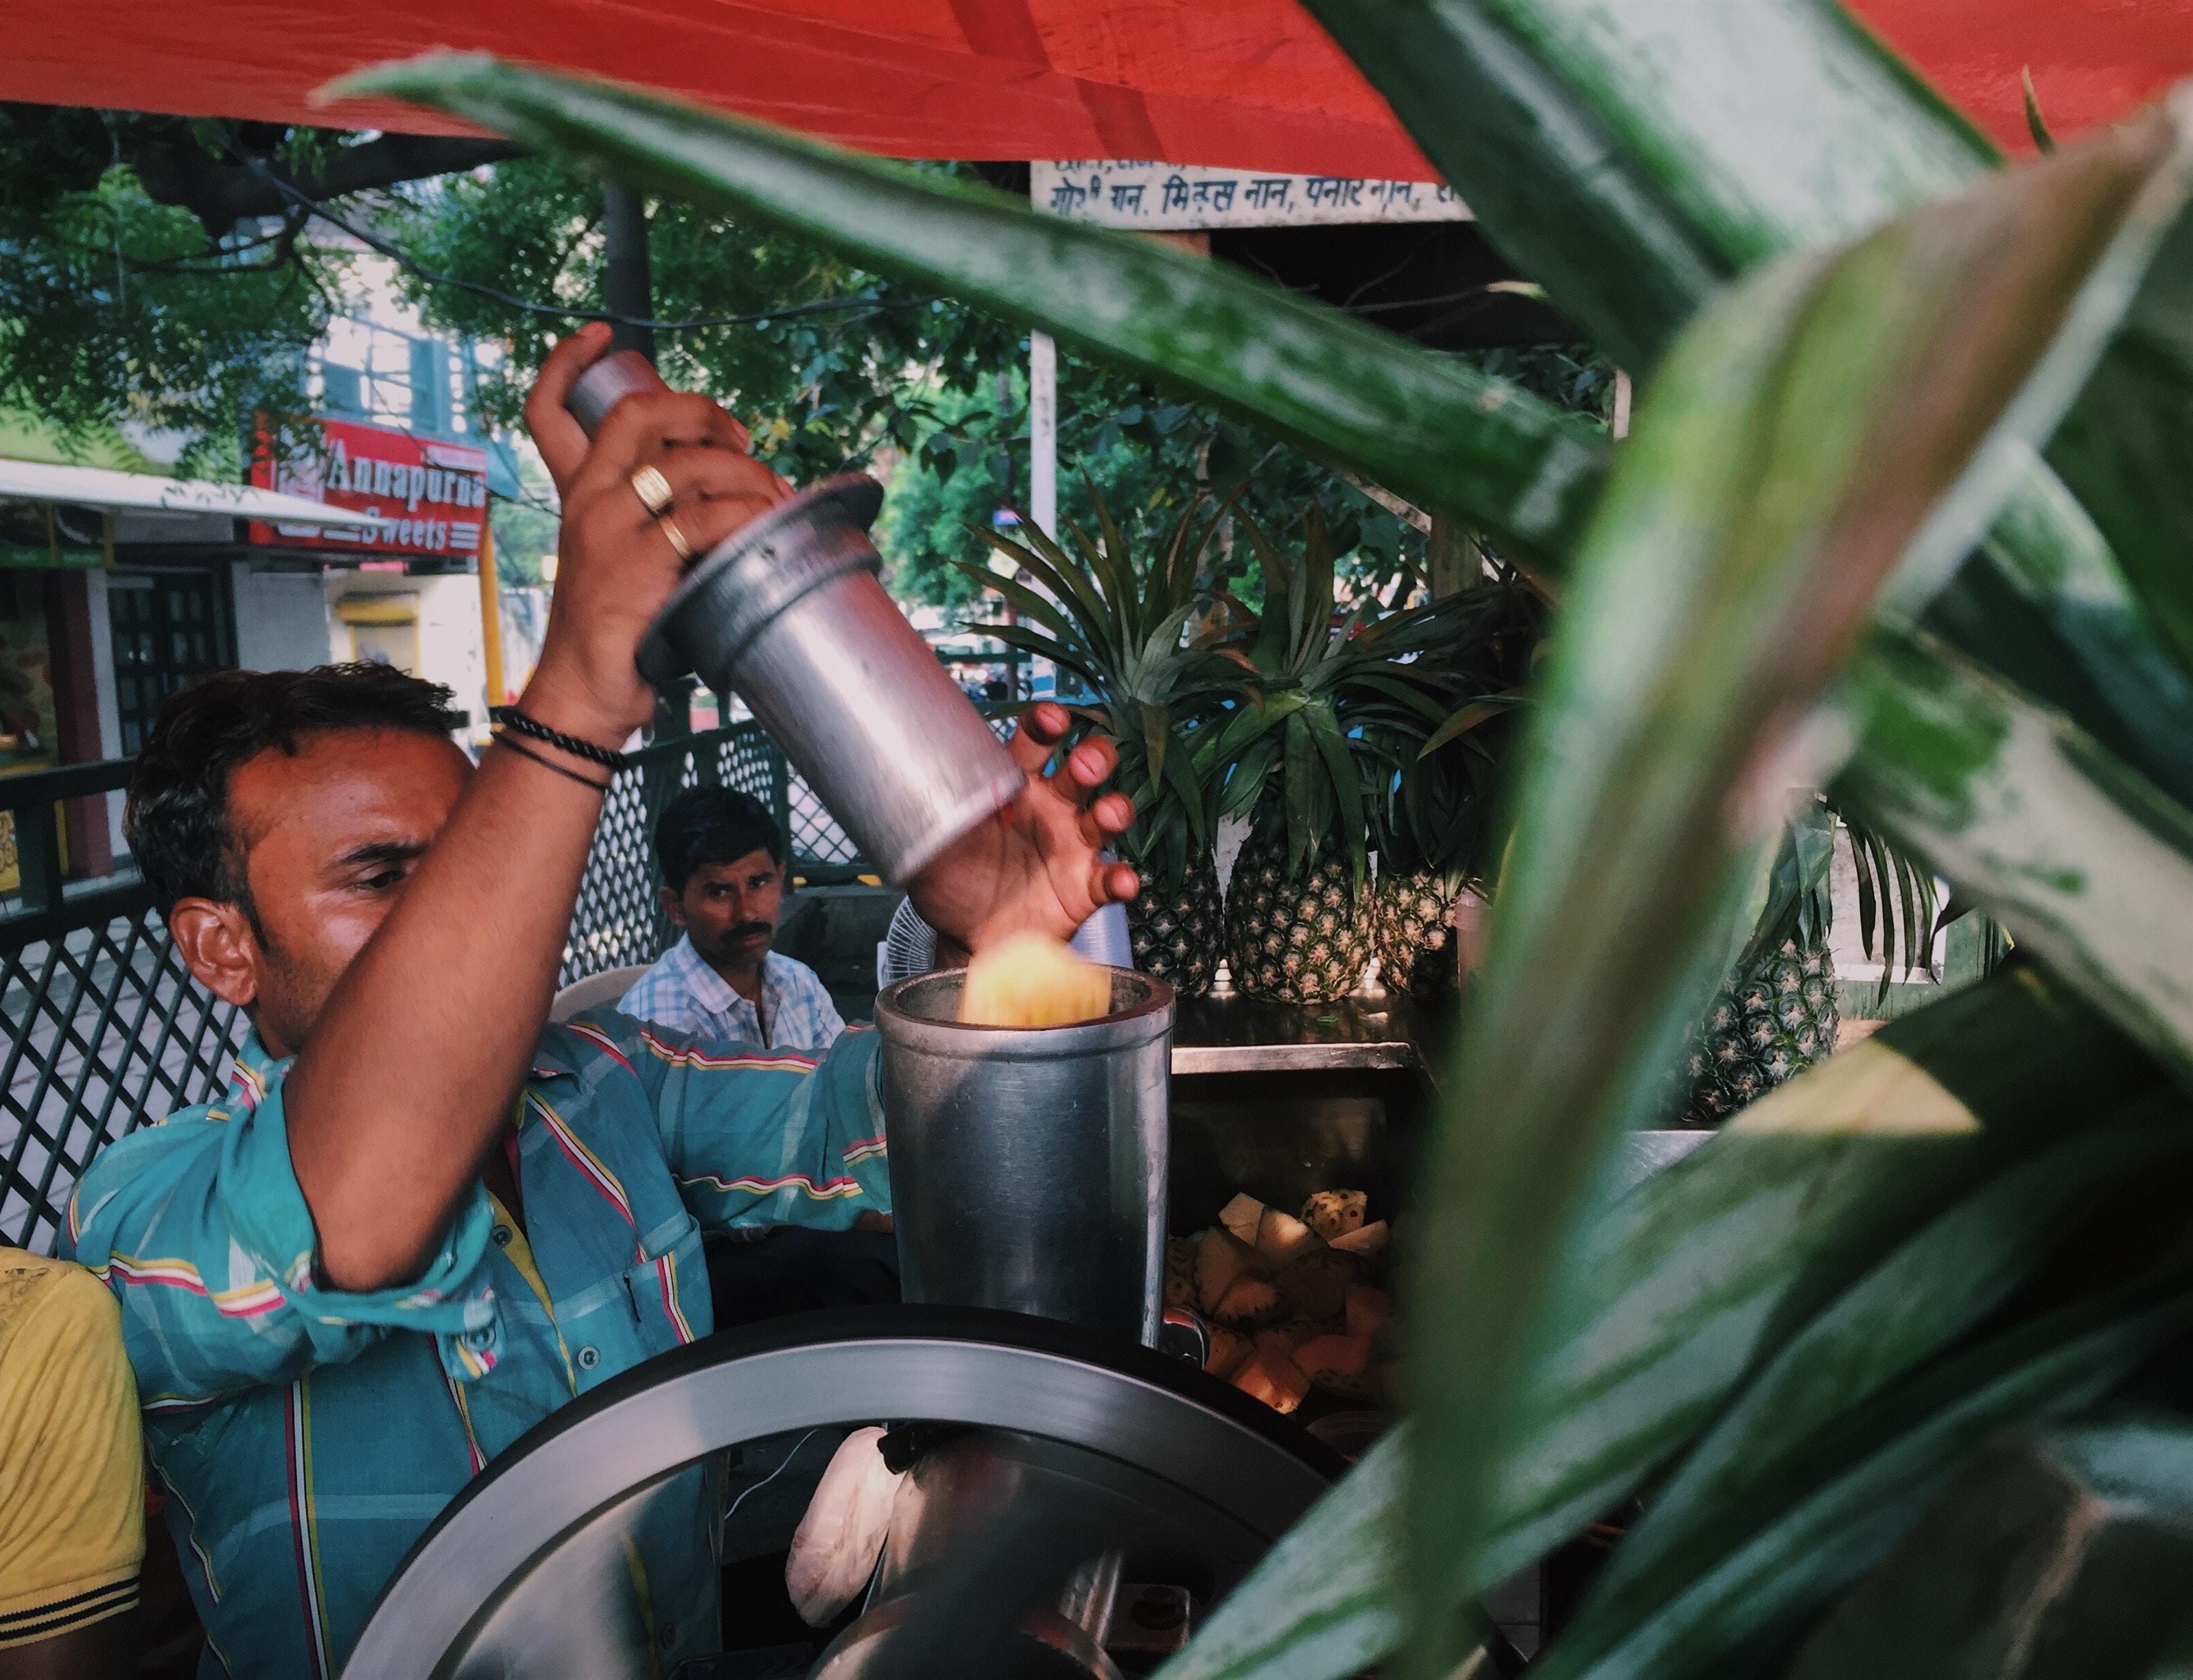 Making fresh juice.